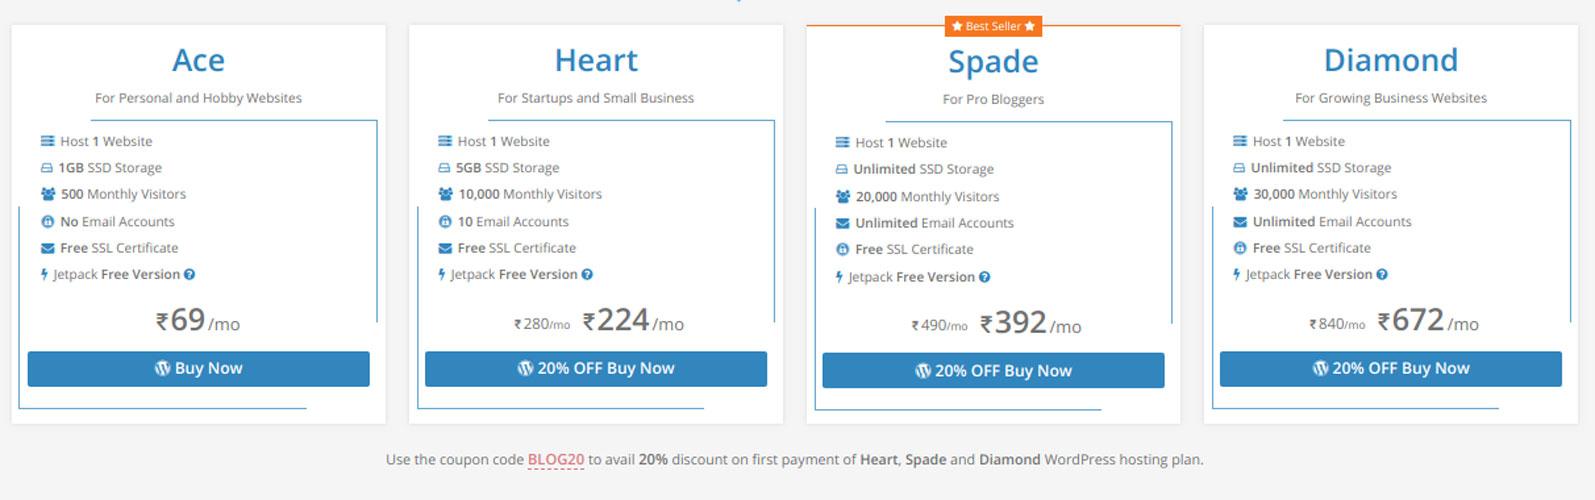 WordPress hosting + Jetpack (Free version)